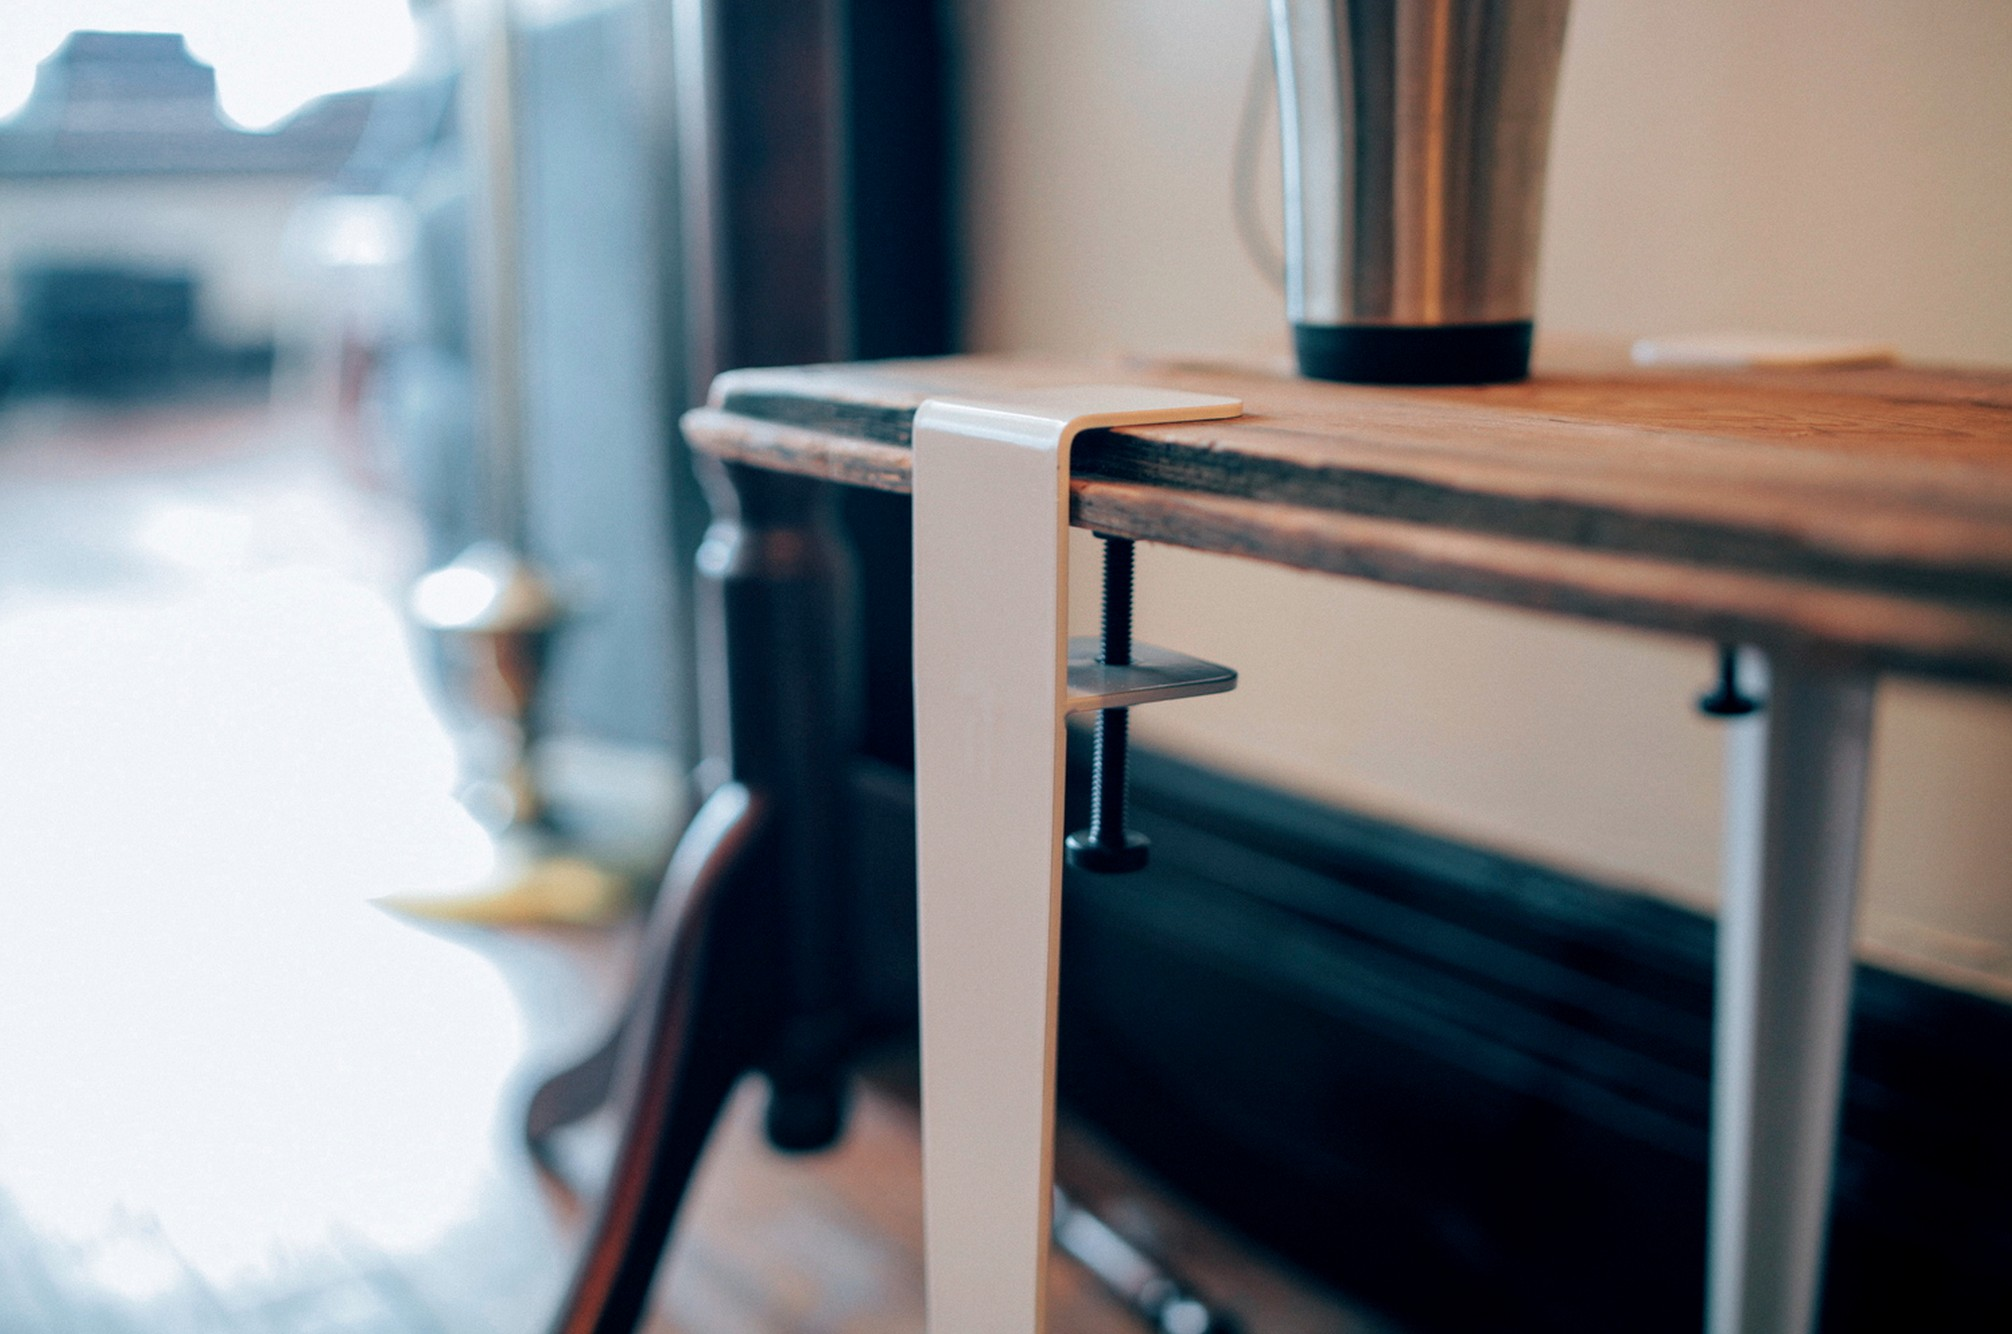 Pensé pour les appartements, les éléments MD proposent modularité et fonctionnalité. De bas en haut, cette configuration est composée d'une base logeant un tiroir, d'un rangement placard rayonné et d'une vitrine également rayonnée.